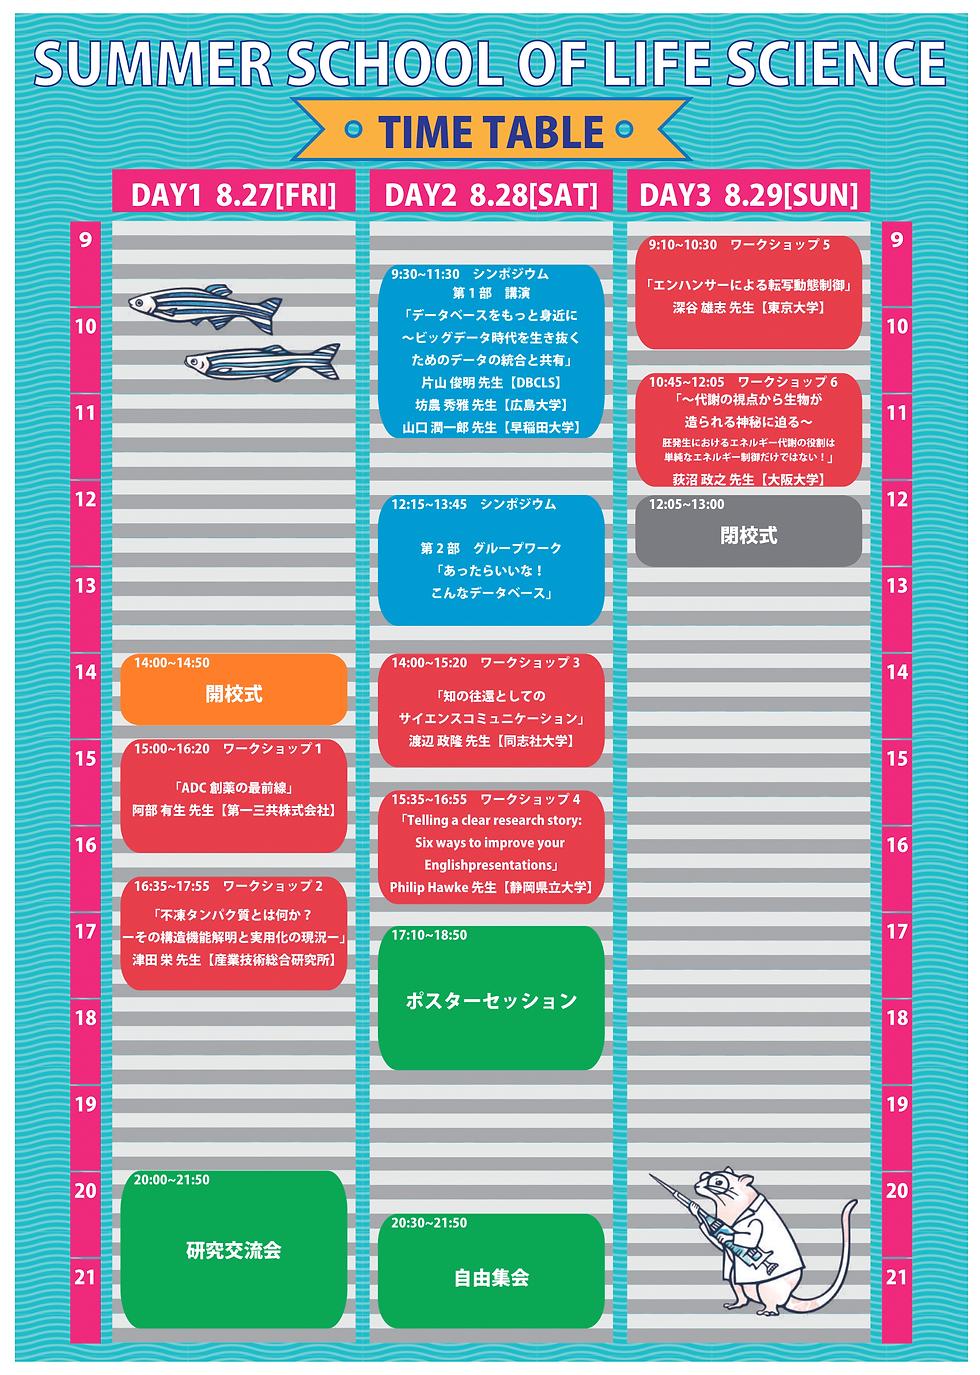 61夏学タイムテーブル-1.png